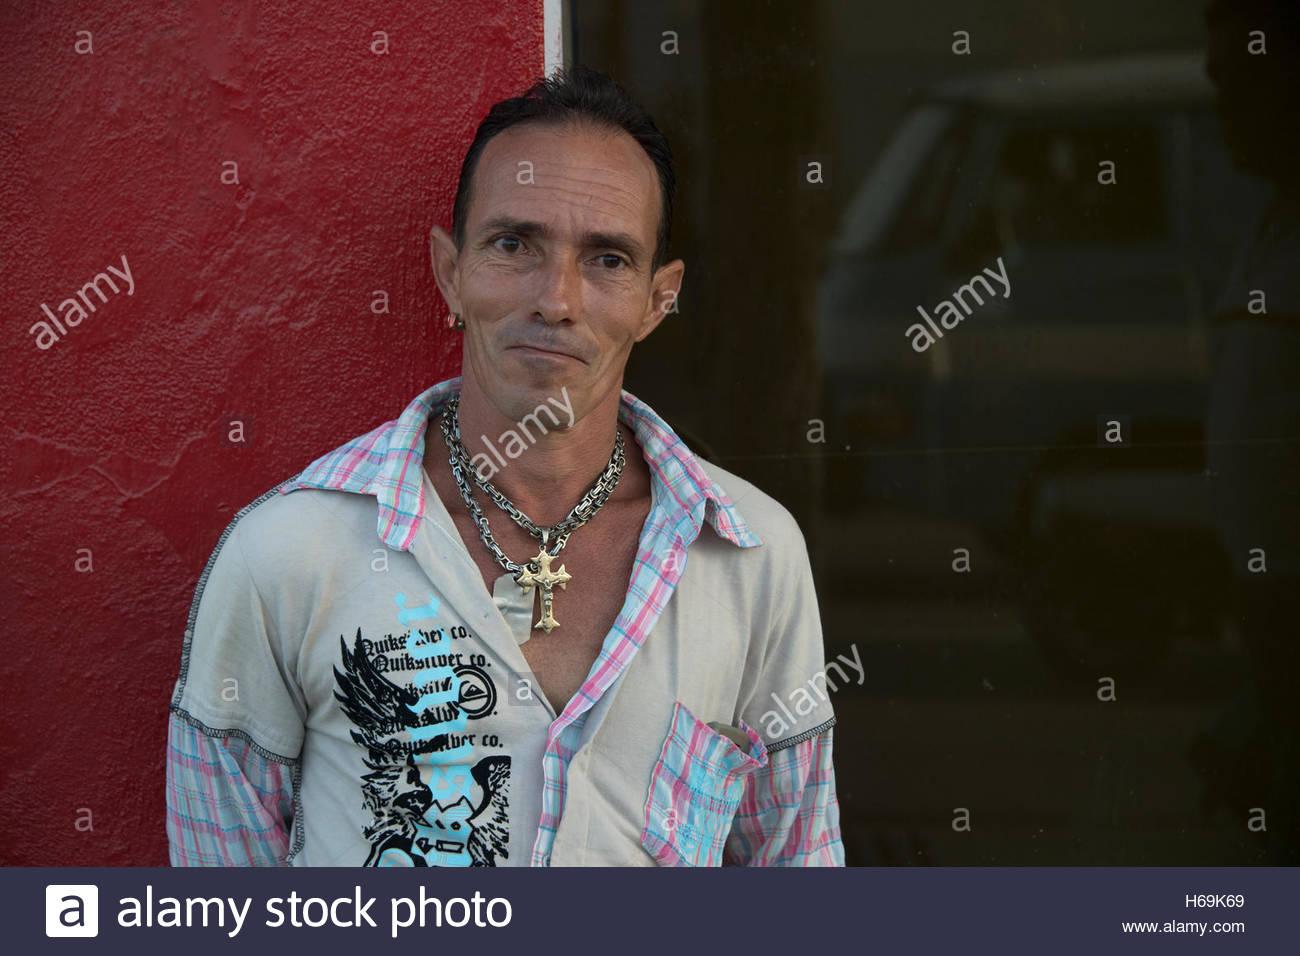 Hombre cubano o el estilo de vida Forma de vida. Retrato del hombre de la calle madurado con cadenas de oro colgando Imagen De Stock